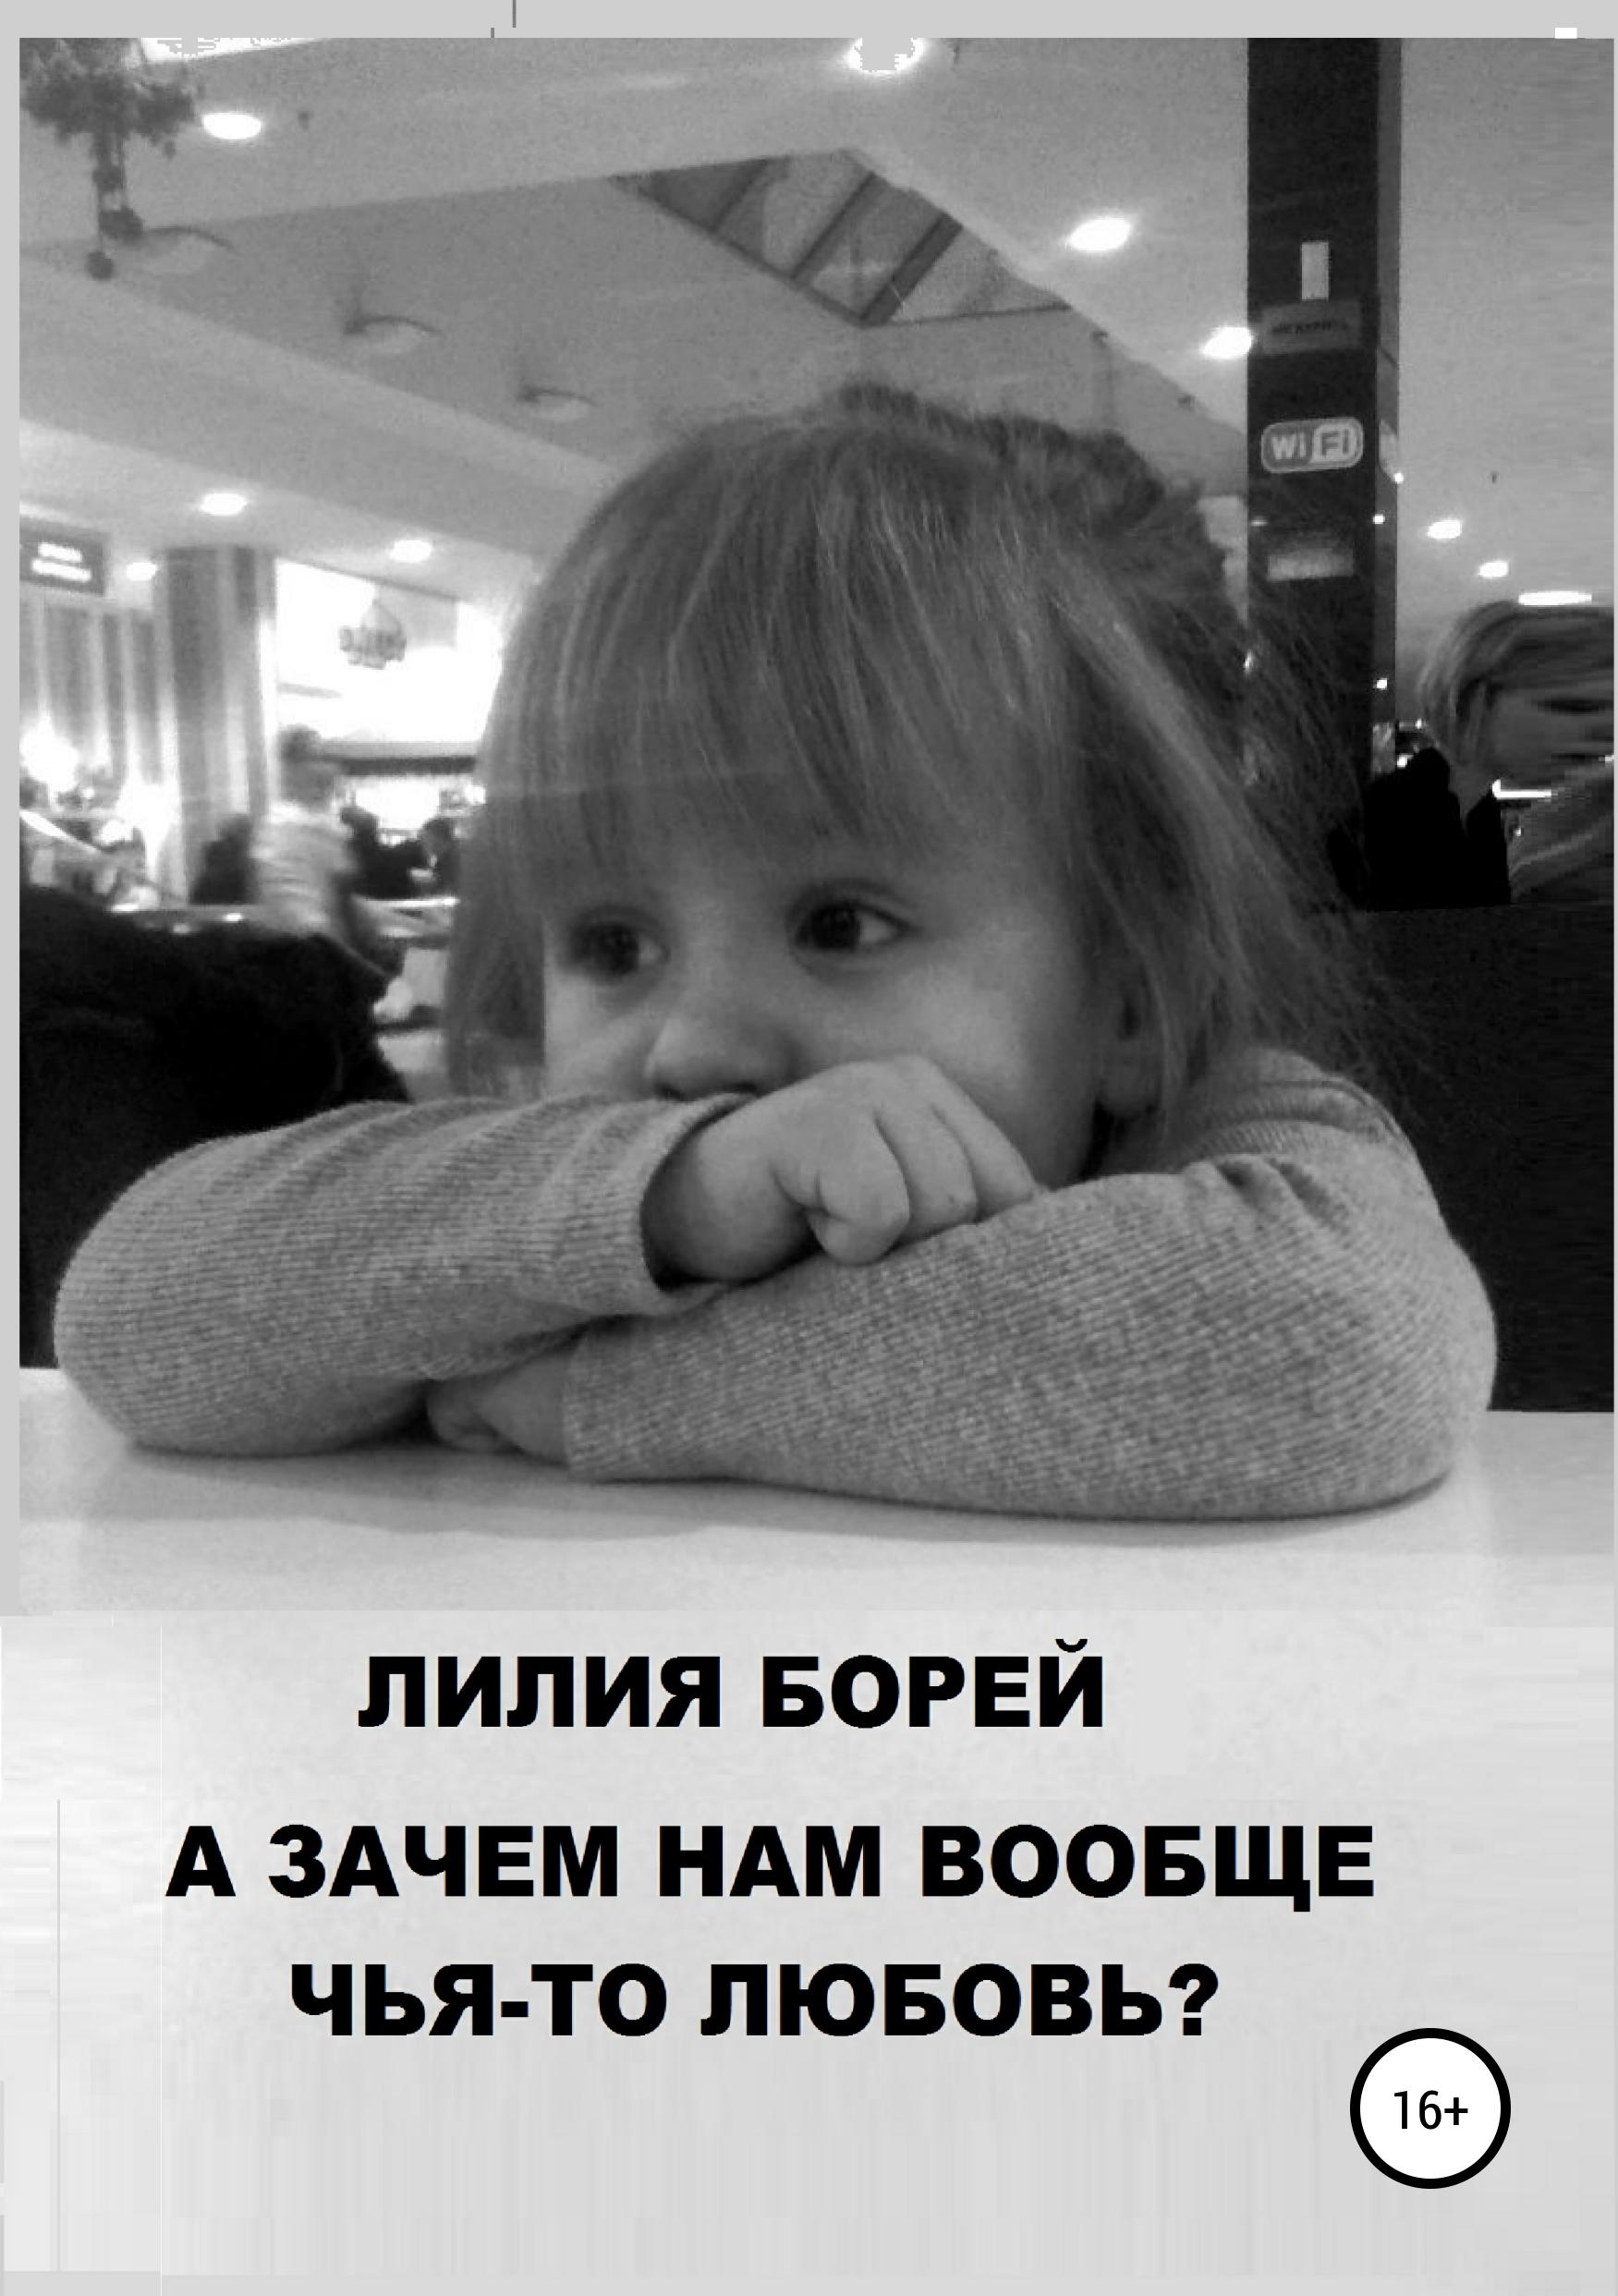 Лилия Владимировна Борей А зачем нам вообще чья-то любовь?